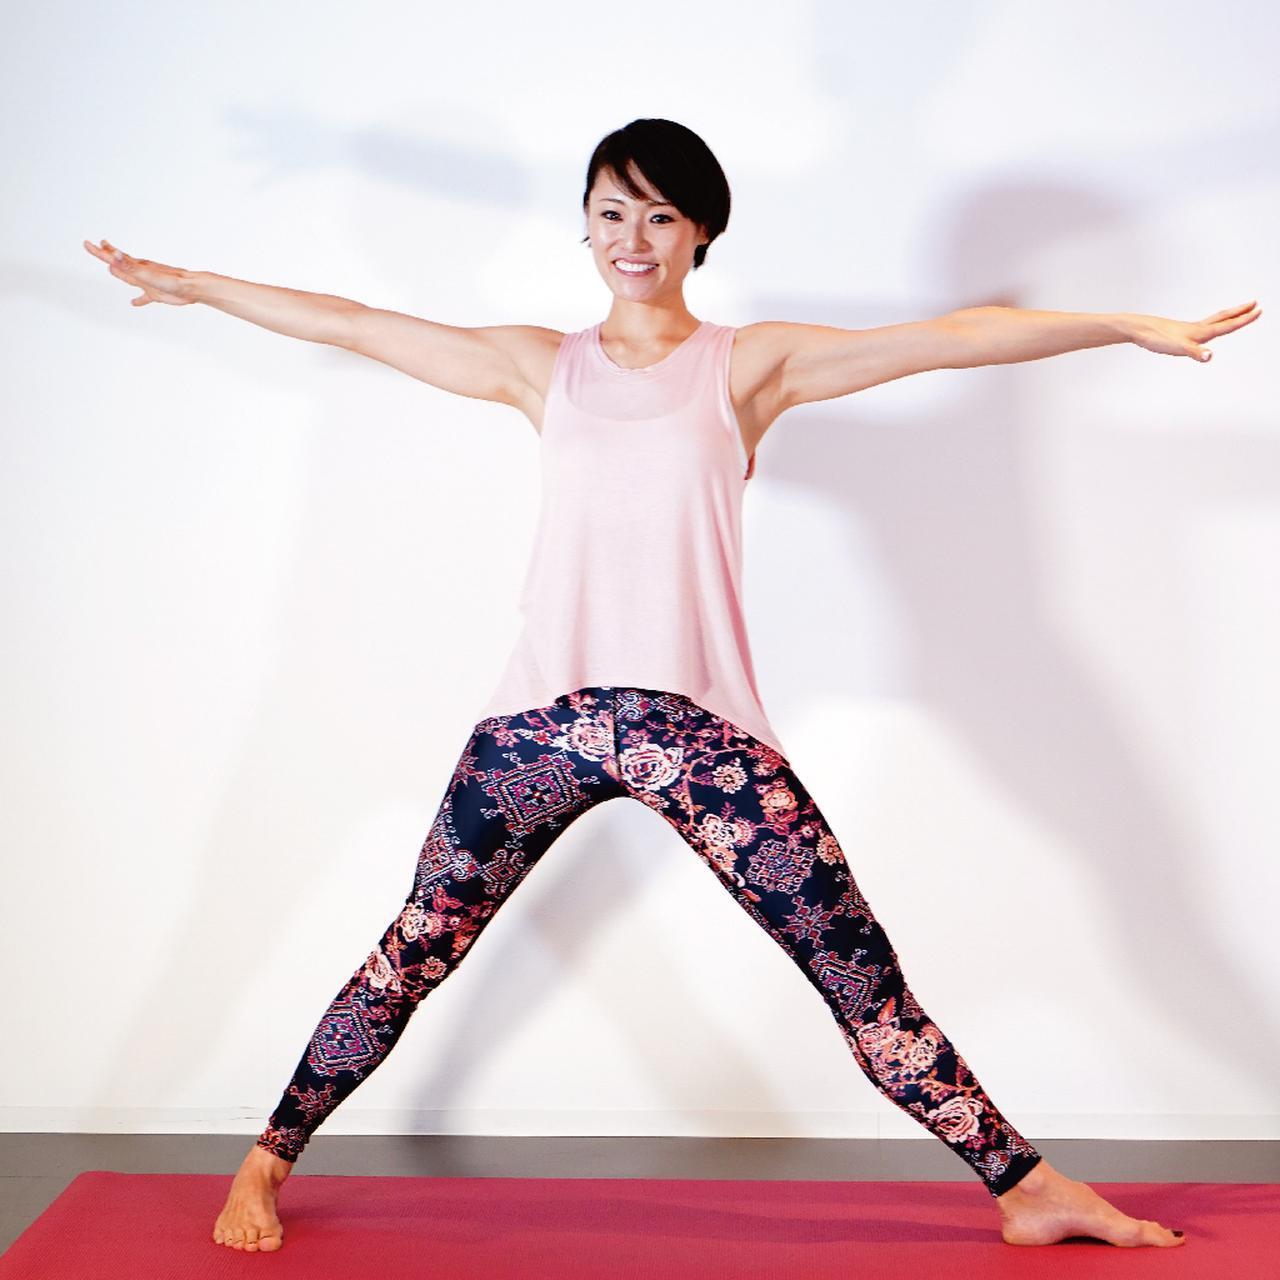 画像: 右手を高く上げ、左手は足の触れるところまで下ろす